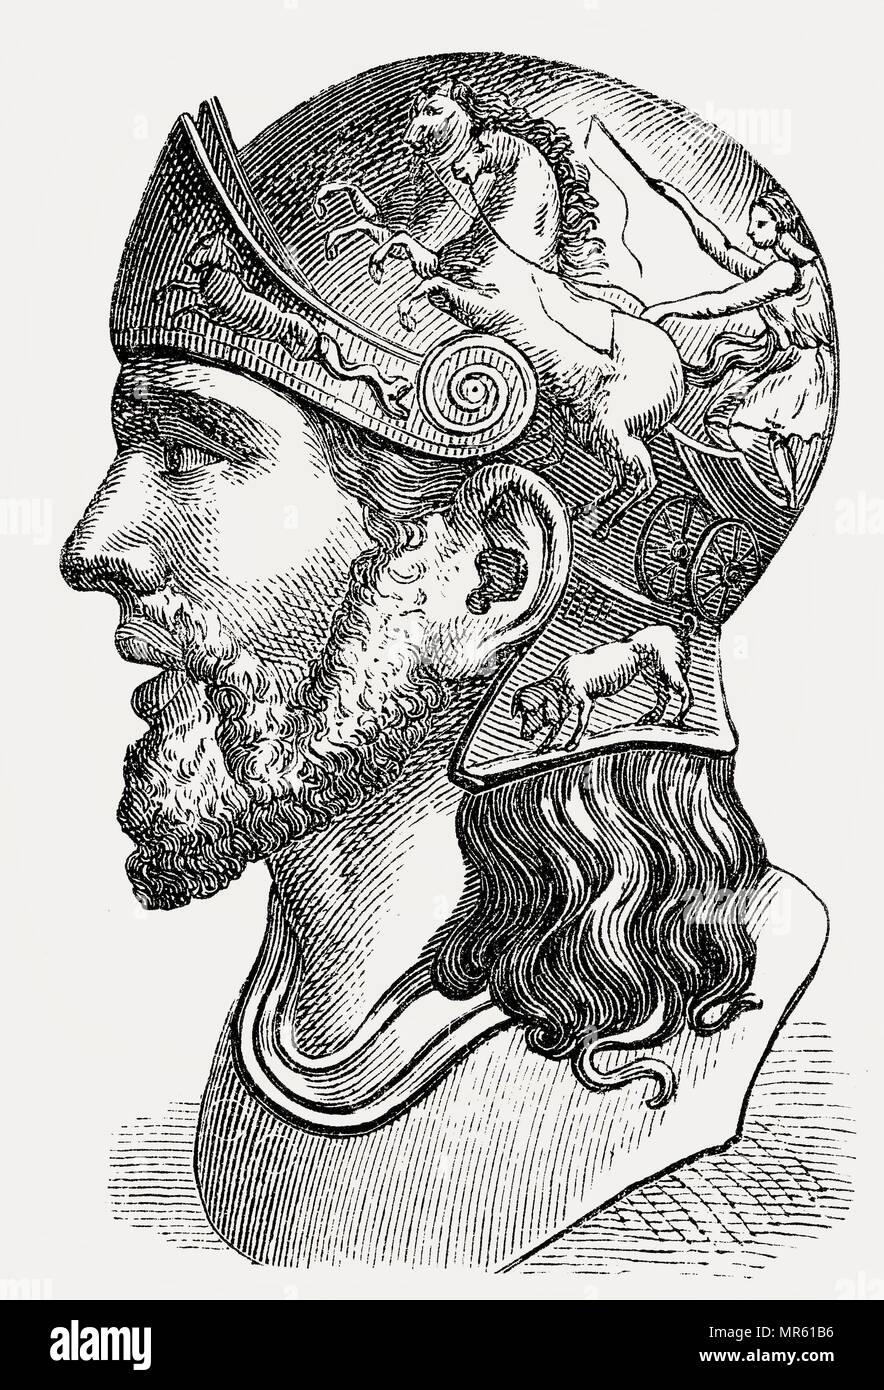 Masinissa oder Masensen Masensen, C., 238 v. Chr. - 148 v. Chr., der erste König von numidien Stockbild